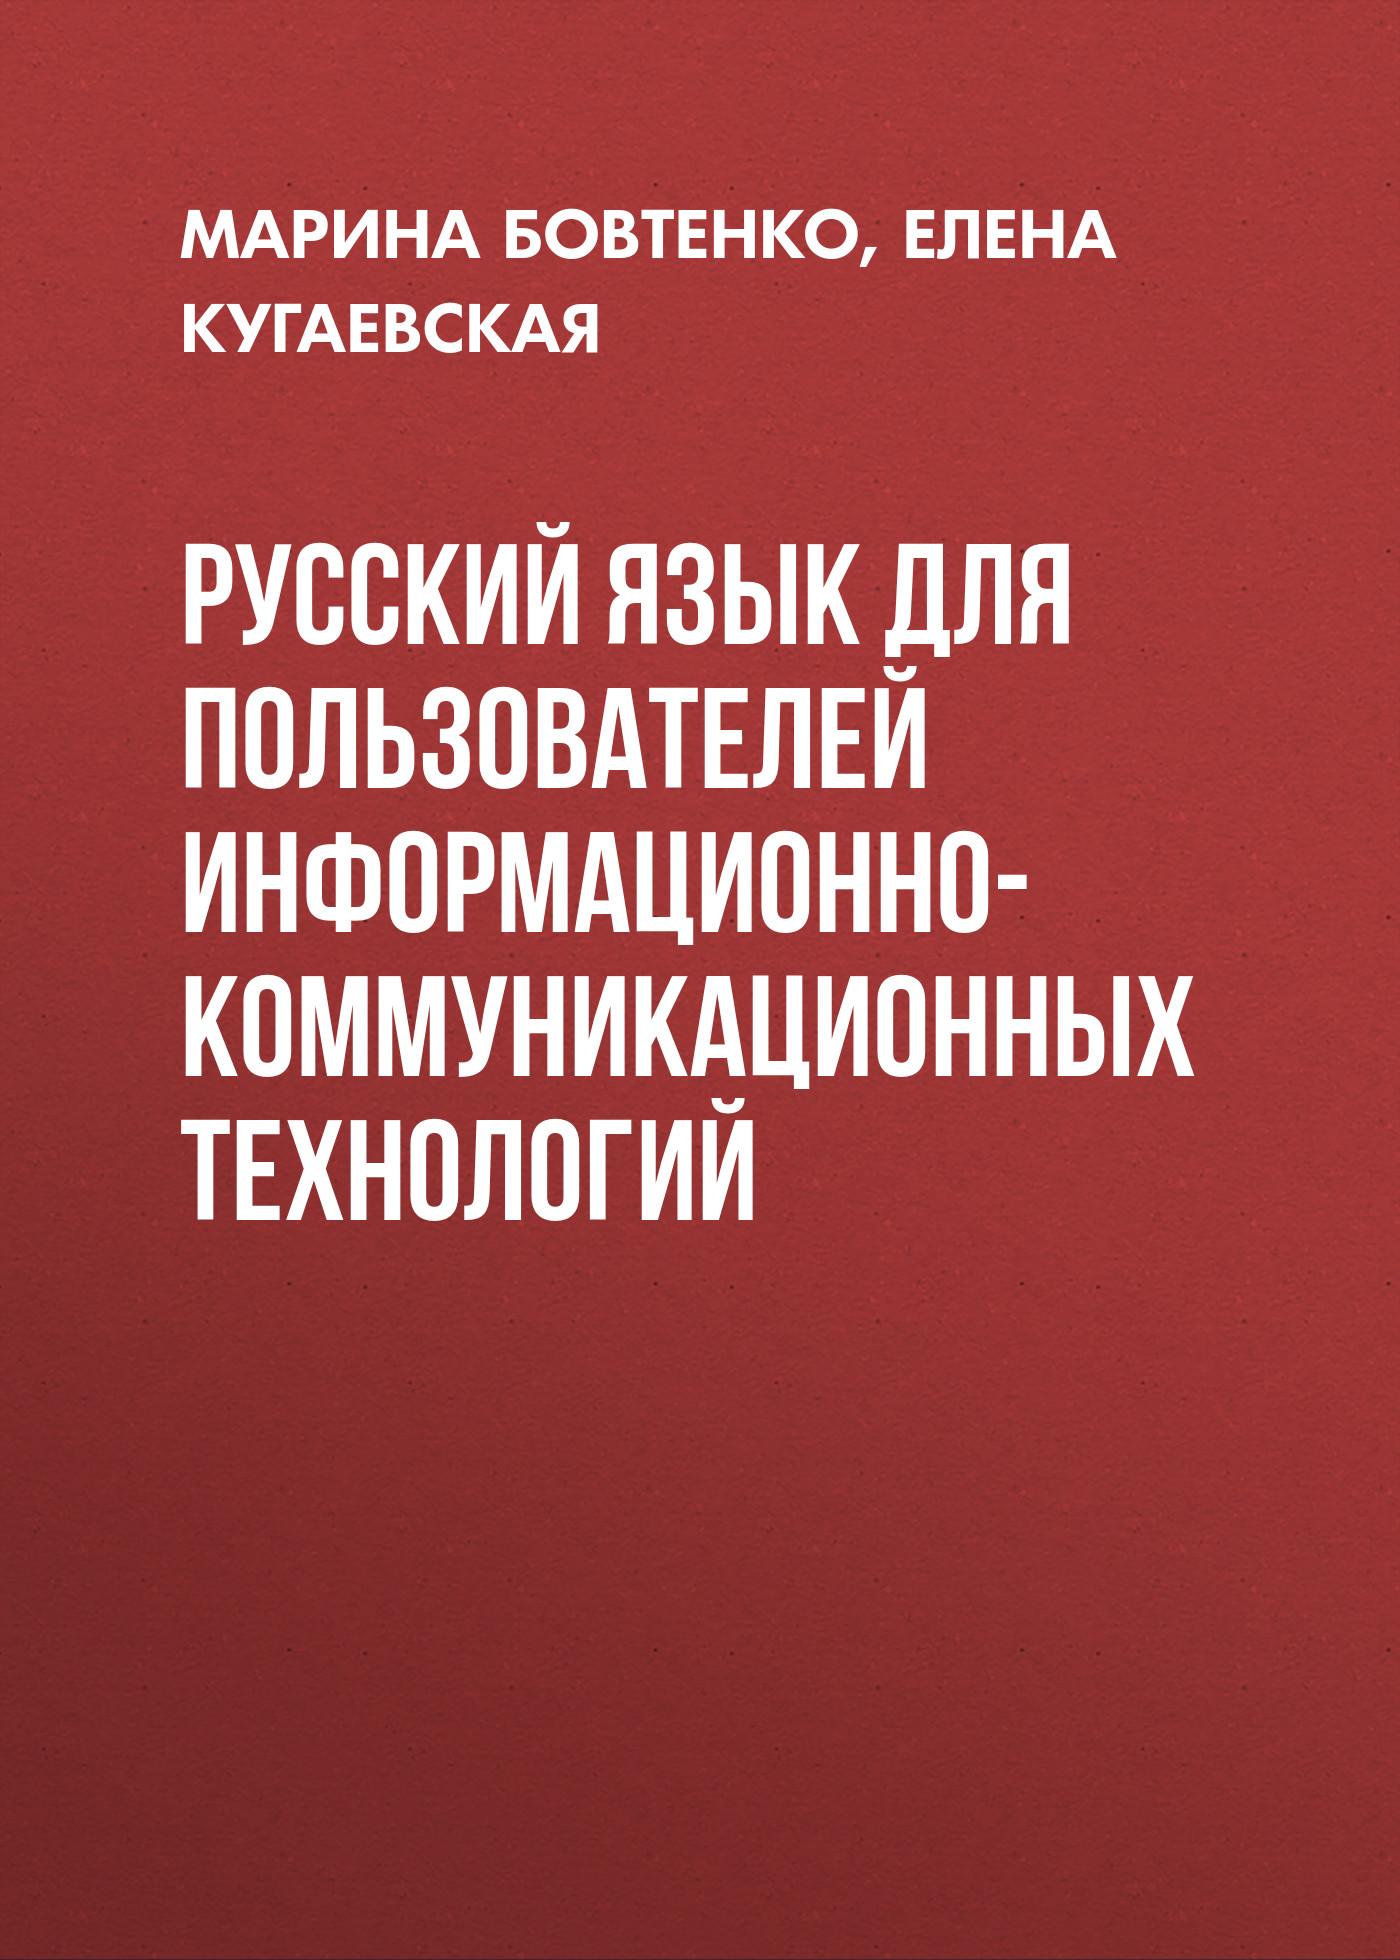 Елена Кугаевская Русский язык для пользователей информационно-коммуникационных технологий майя морозова немецкий язык для пользователей информационно коммуникационных технологий